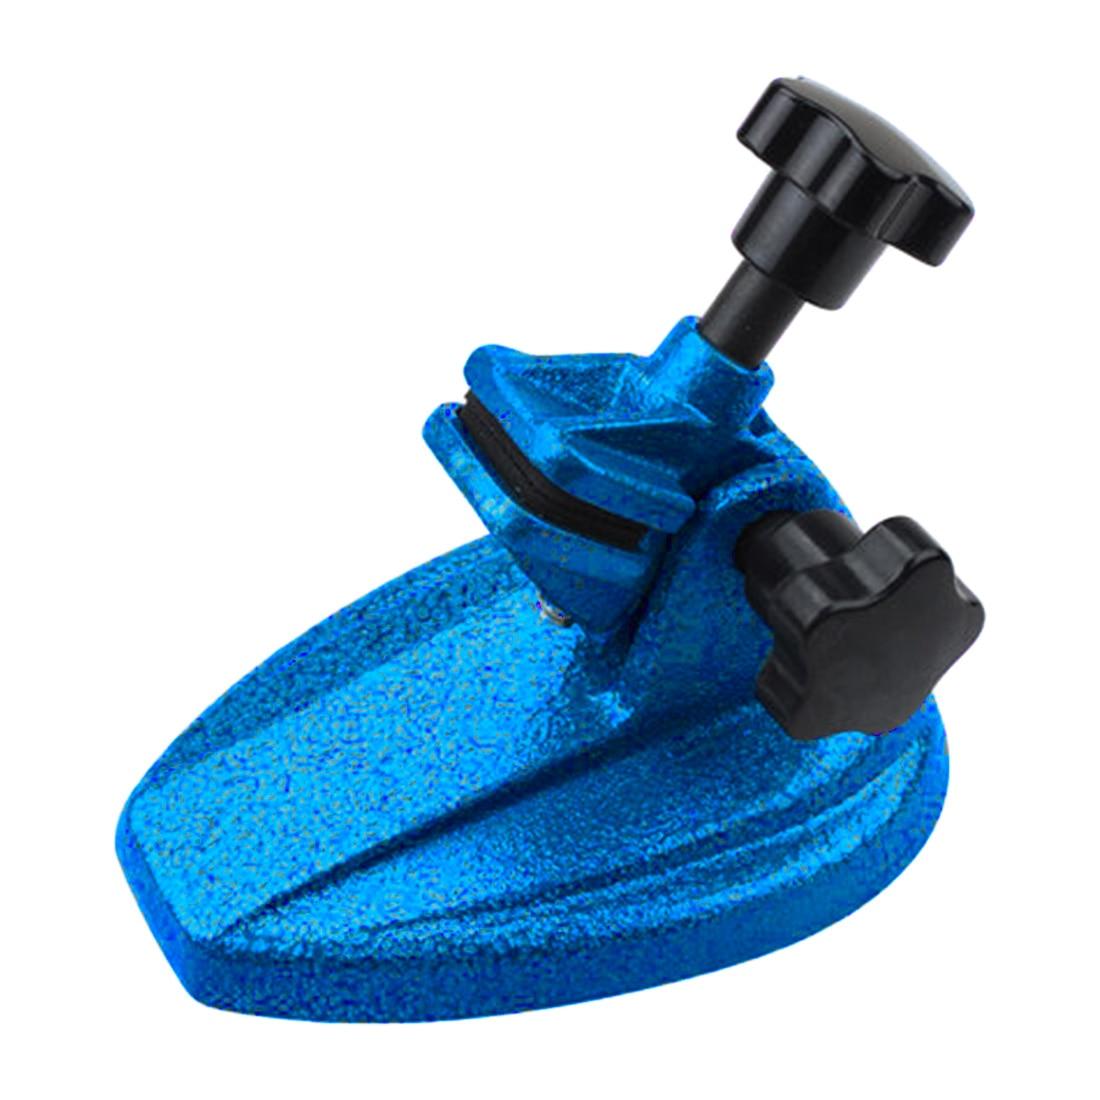 0-мм 75 мм Мини Универсальный гибкий микрометр базовый держатель подставка для зажима микрометра